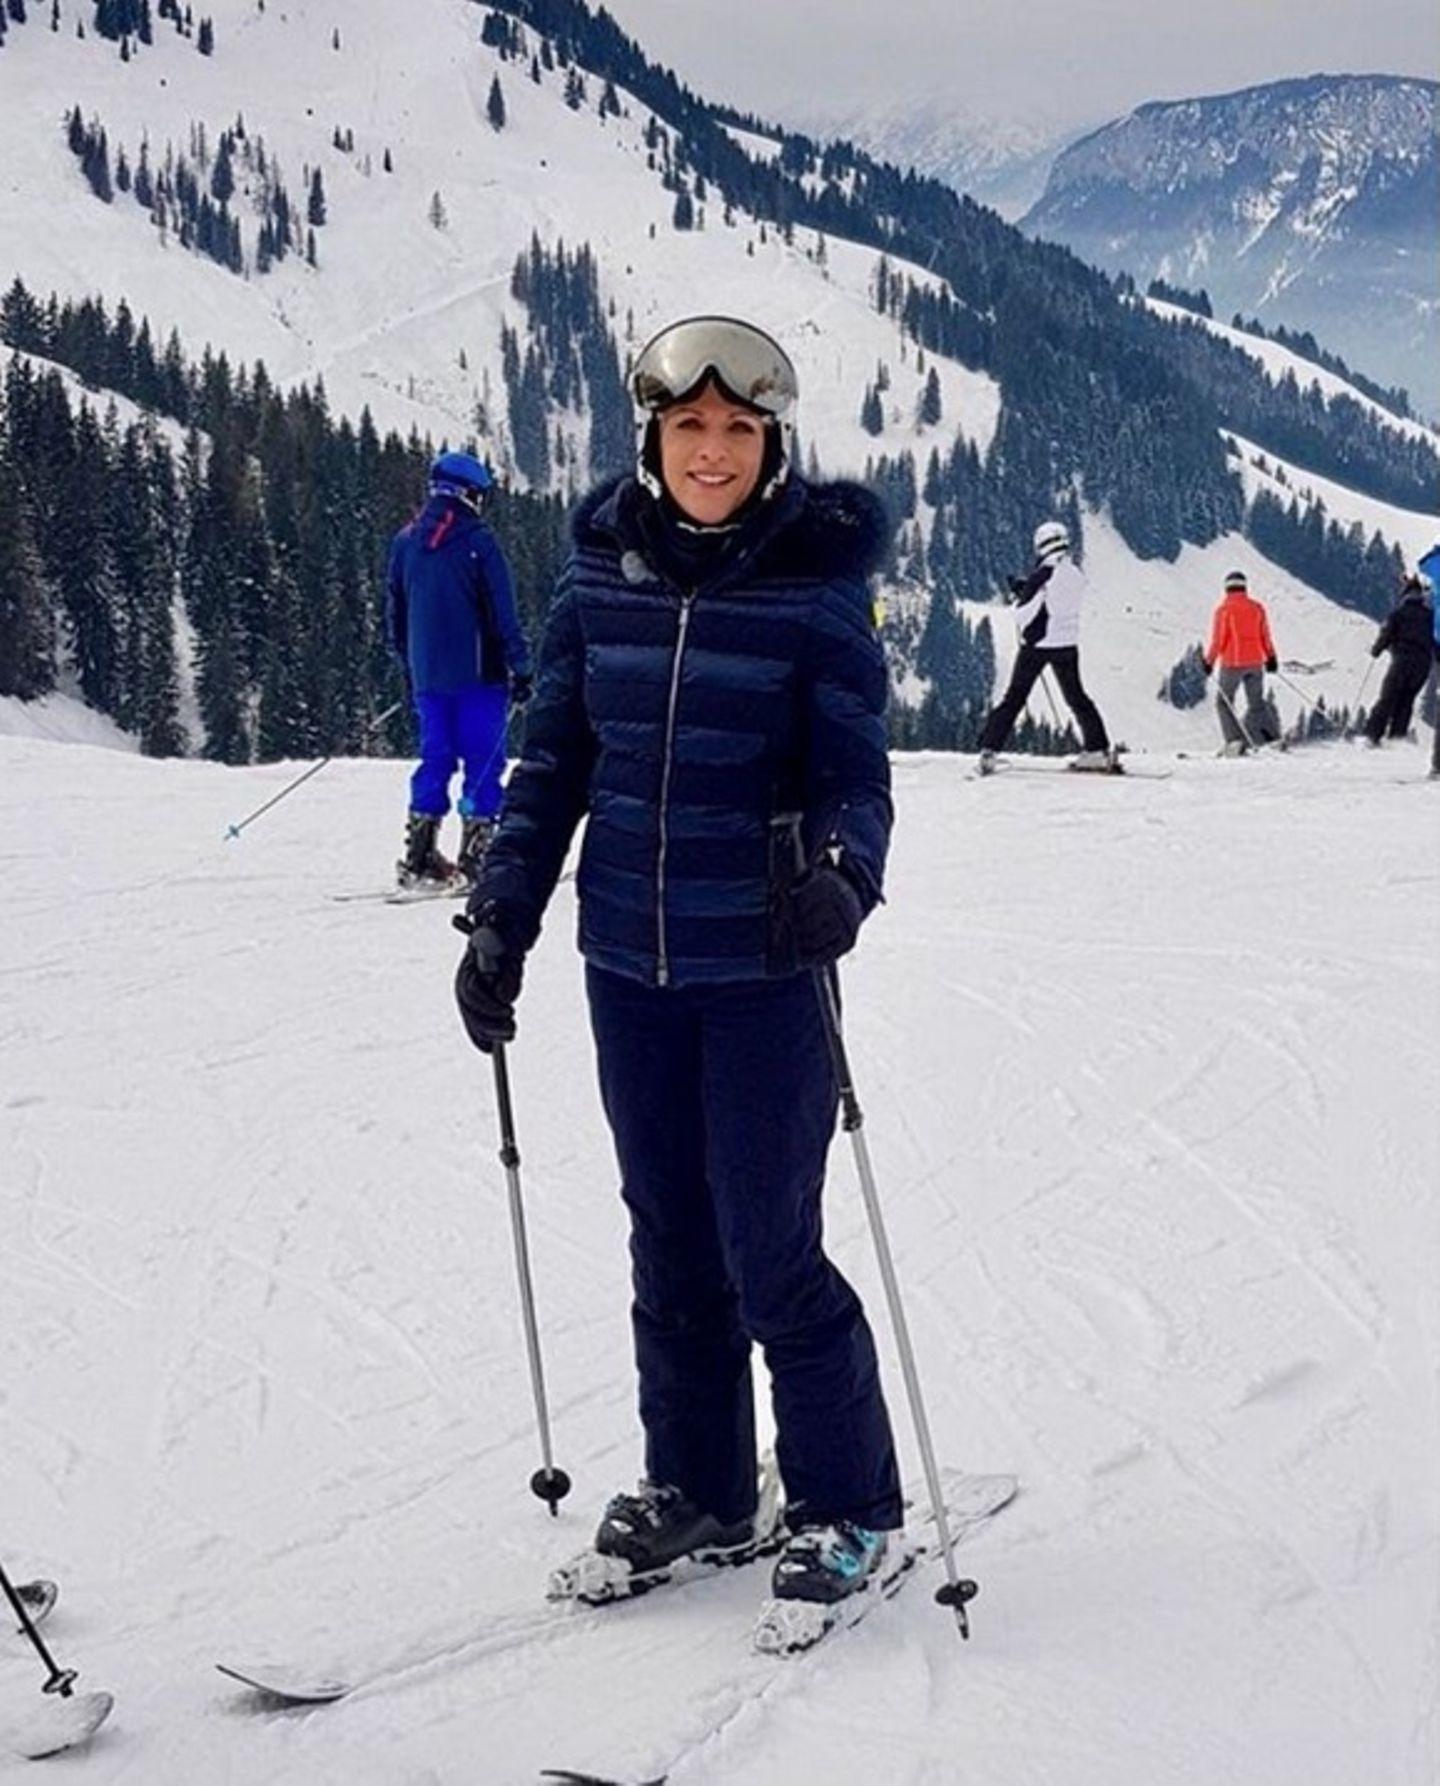 """Birgit Schrowange sendet liebe Karnevalsgrüße aus dem verschneiten Österreich. Scherzend schreibt sie weiter: """"Ich hab mich heute als Skifahrerin verkleidet."""""""